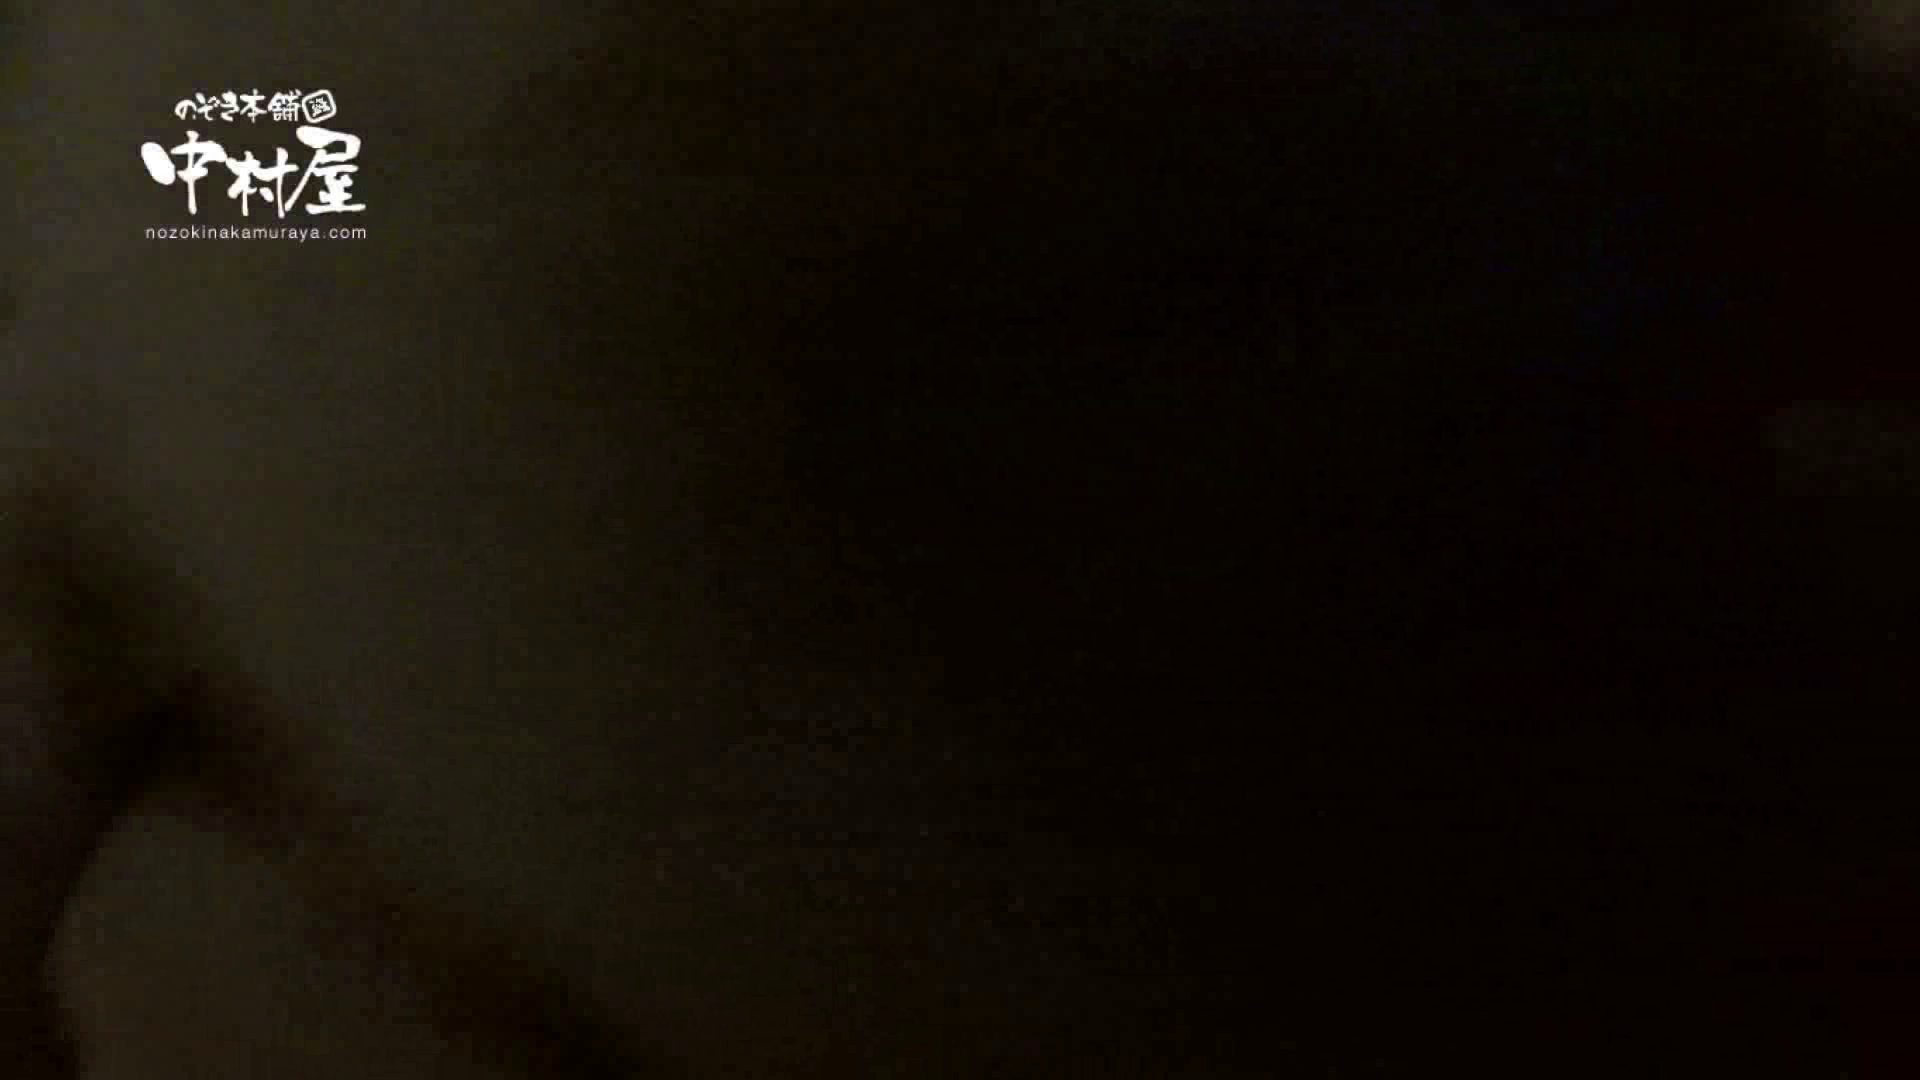 鬼畜 vol.05 誰にも言うなよ! はぃ… 前編 OLのエロ生活   鬼畜  55連発 27